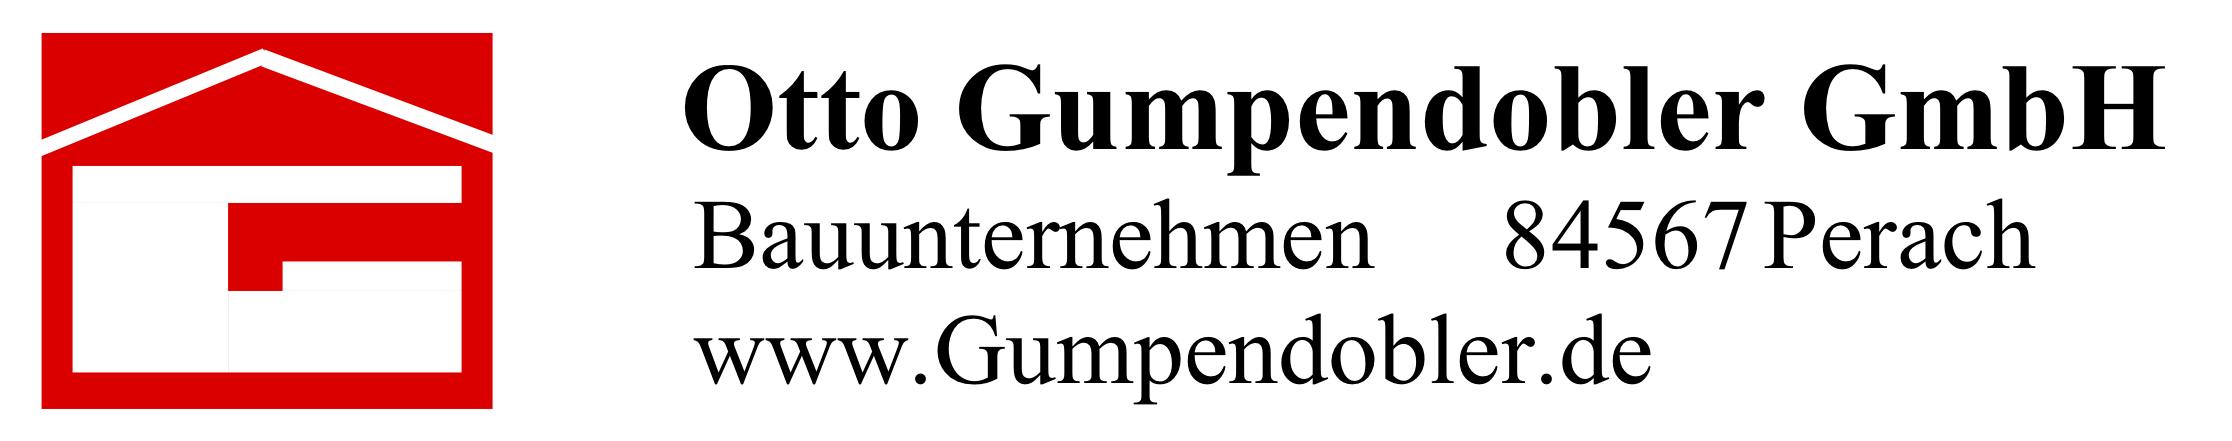 Gumpendobler_GmbH Schriftzug